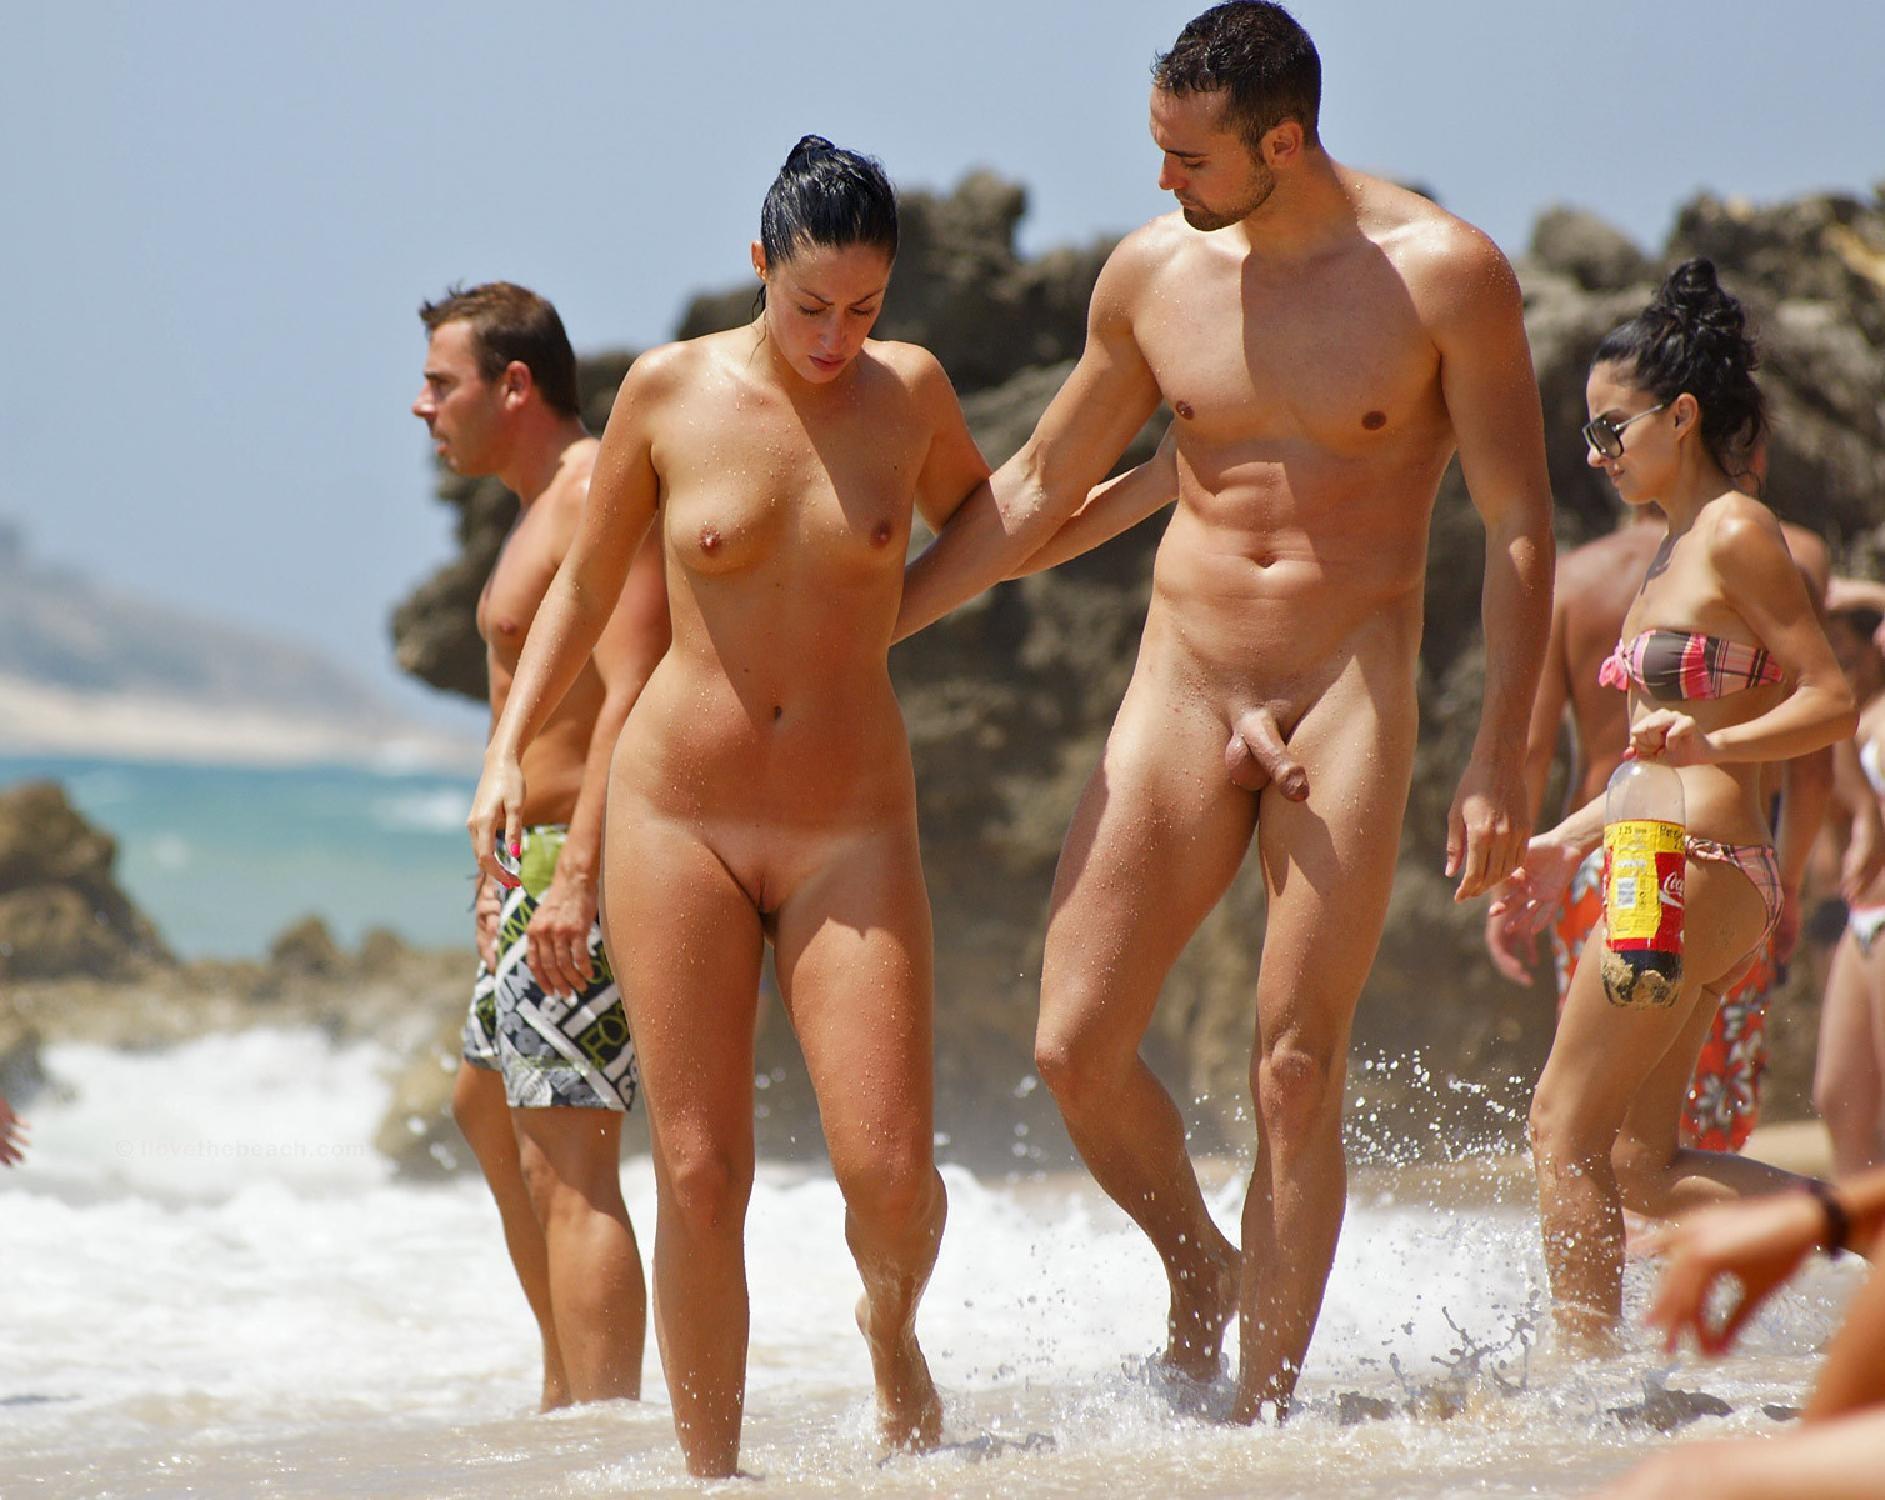 nude-beach-funny-people-on-a-nude-beach-bikini-girls